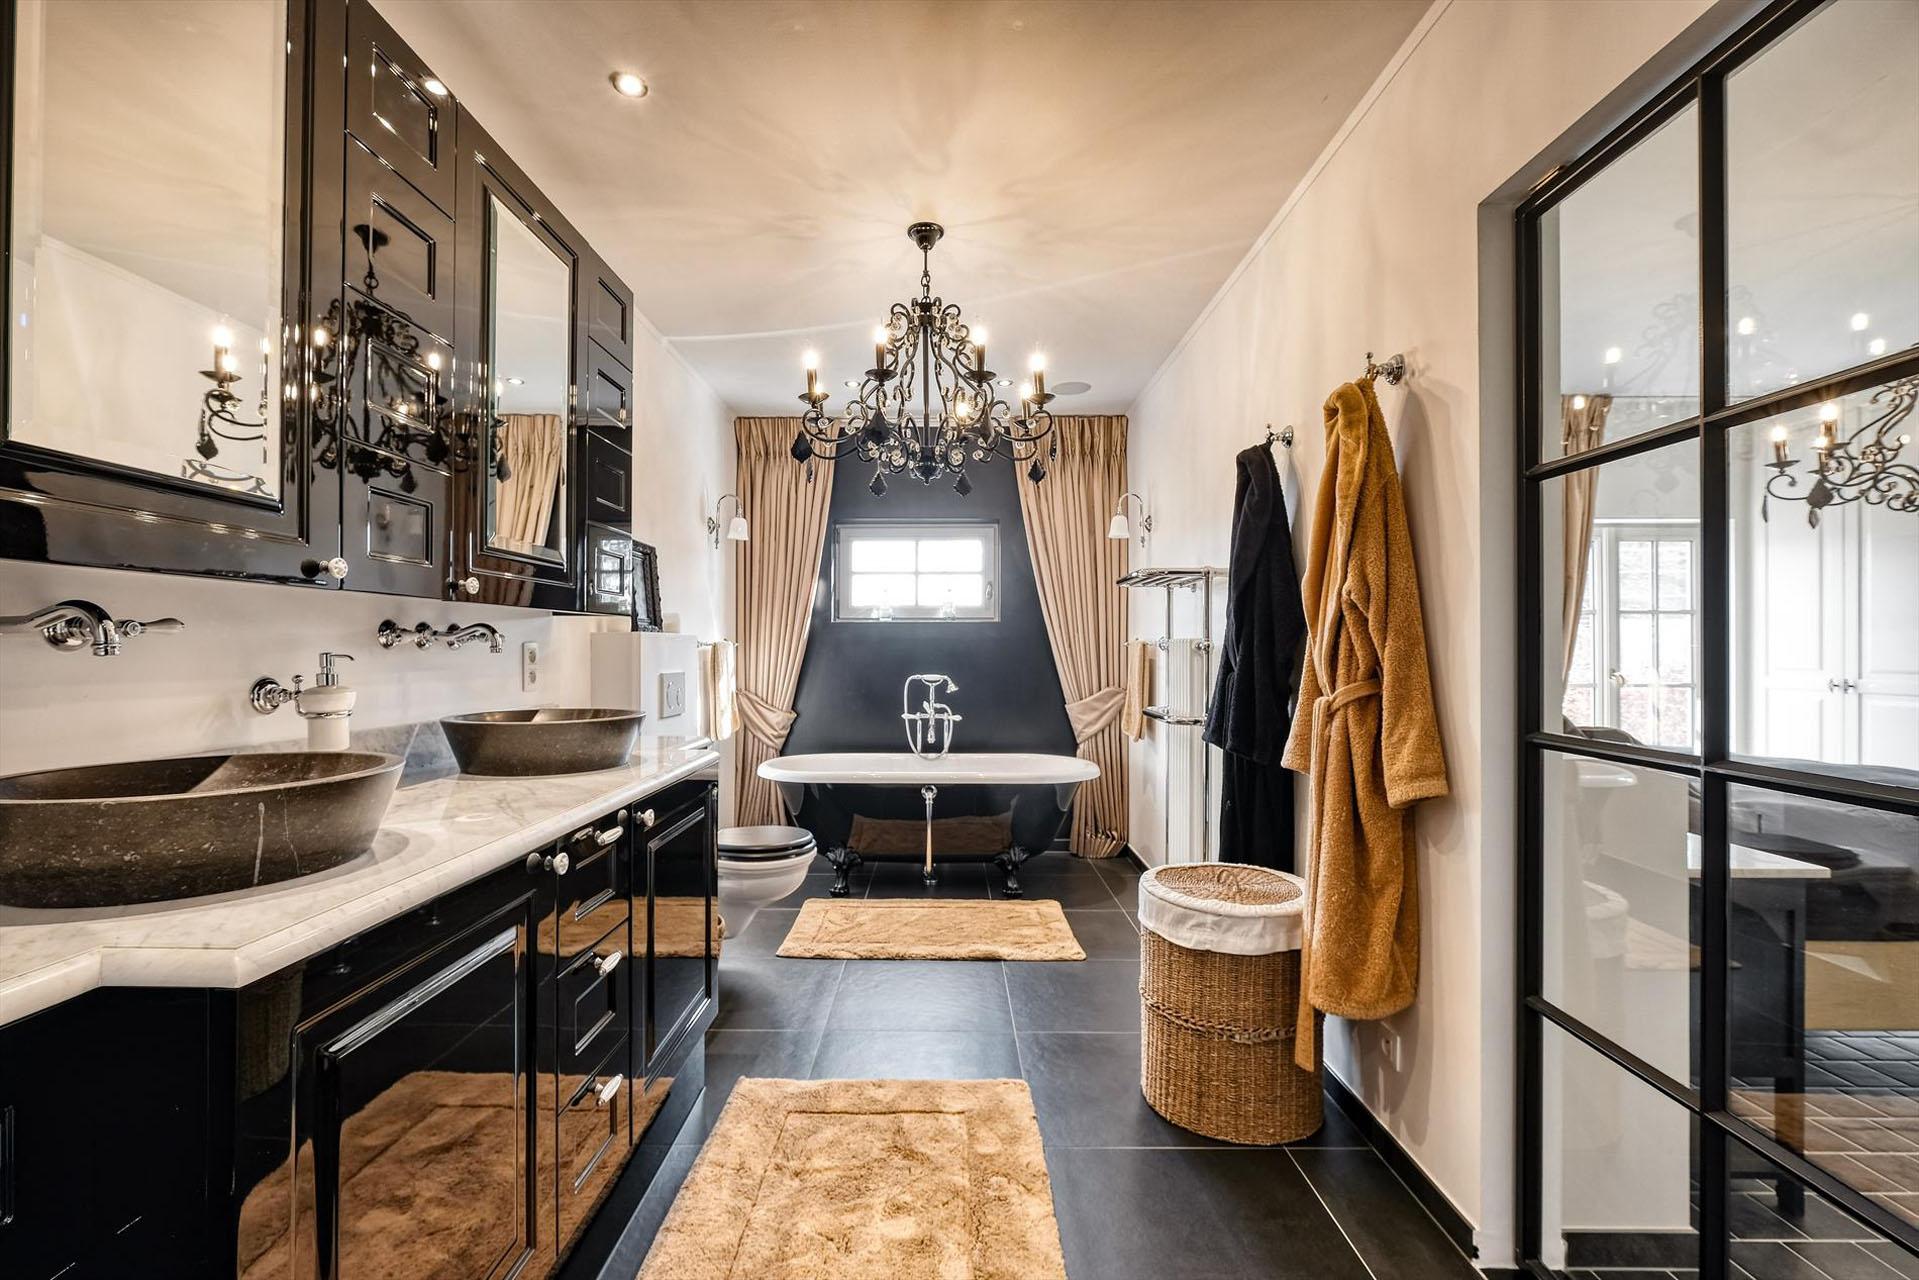 B&W Badkamers | Badkamers en badkamerrenovatie in Heist-op-den-Berg | Luxueuze opvallende badkamer